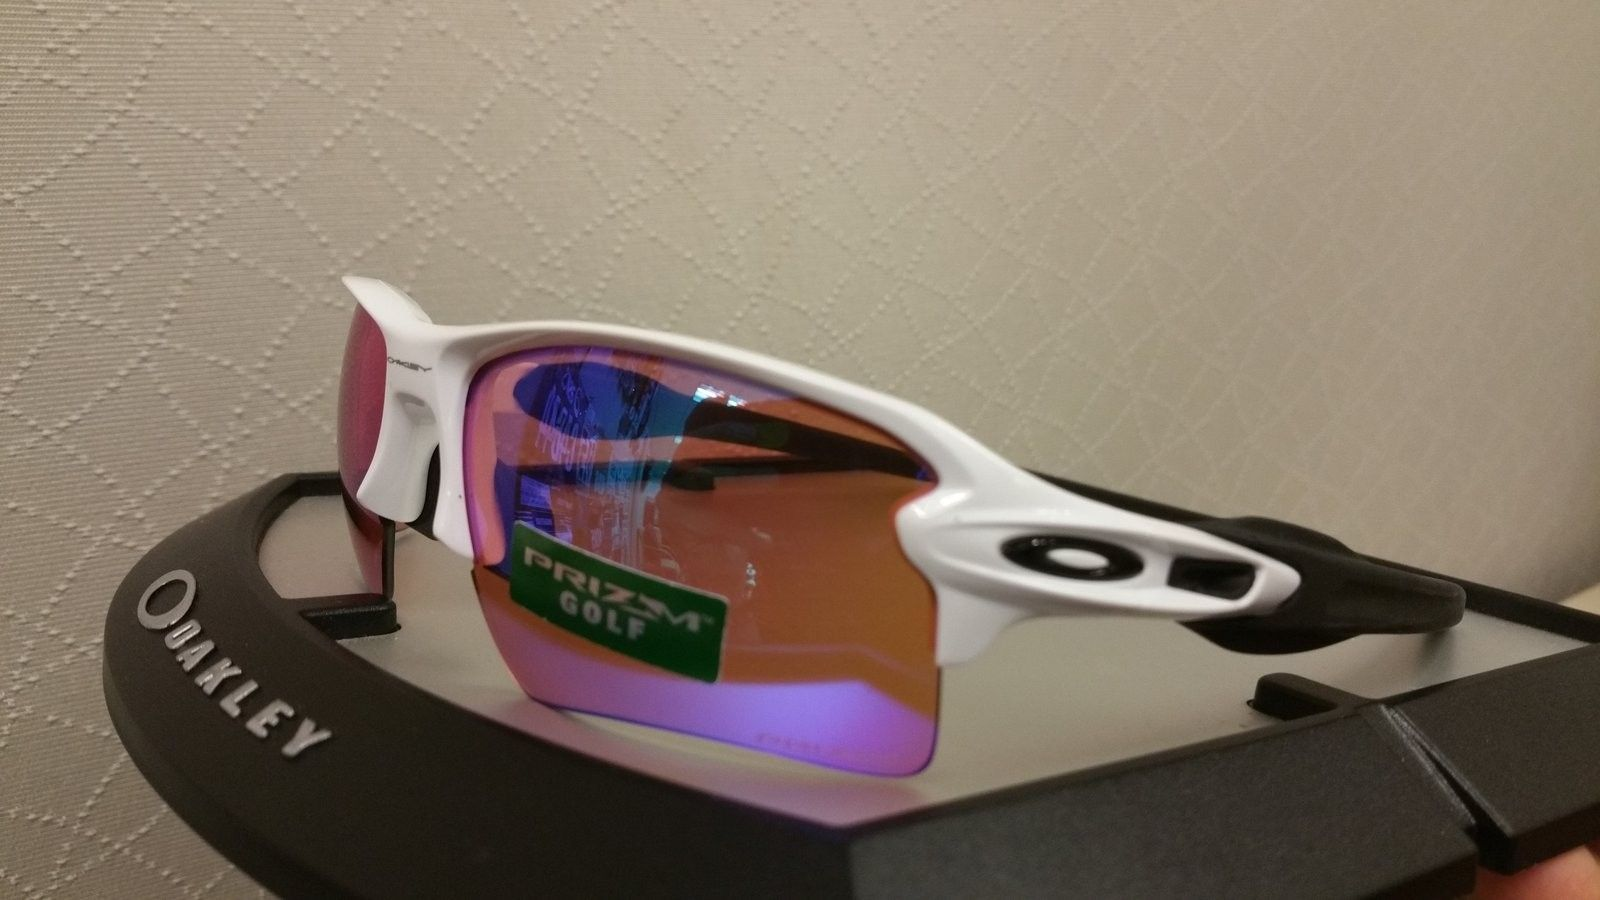 Flak 2.0 polish white w/ Prizm golf - uploadfromtaptalk1438895012537.jpg